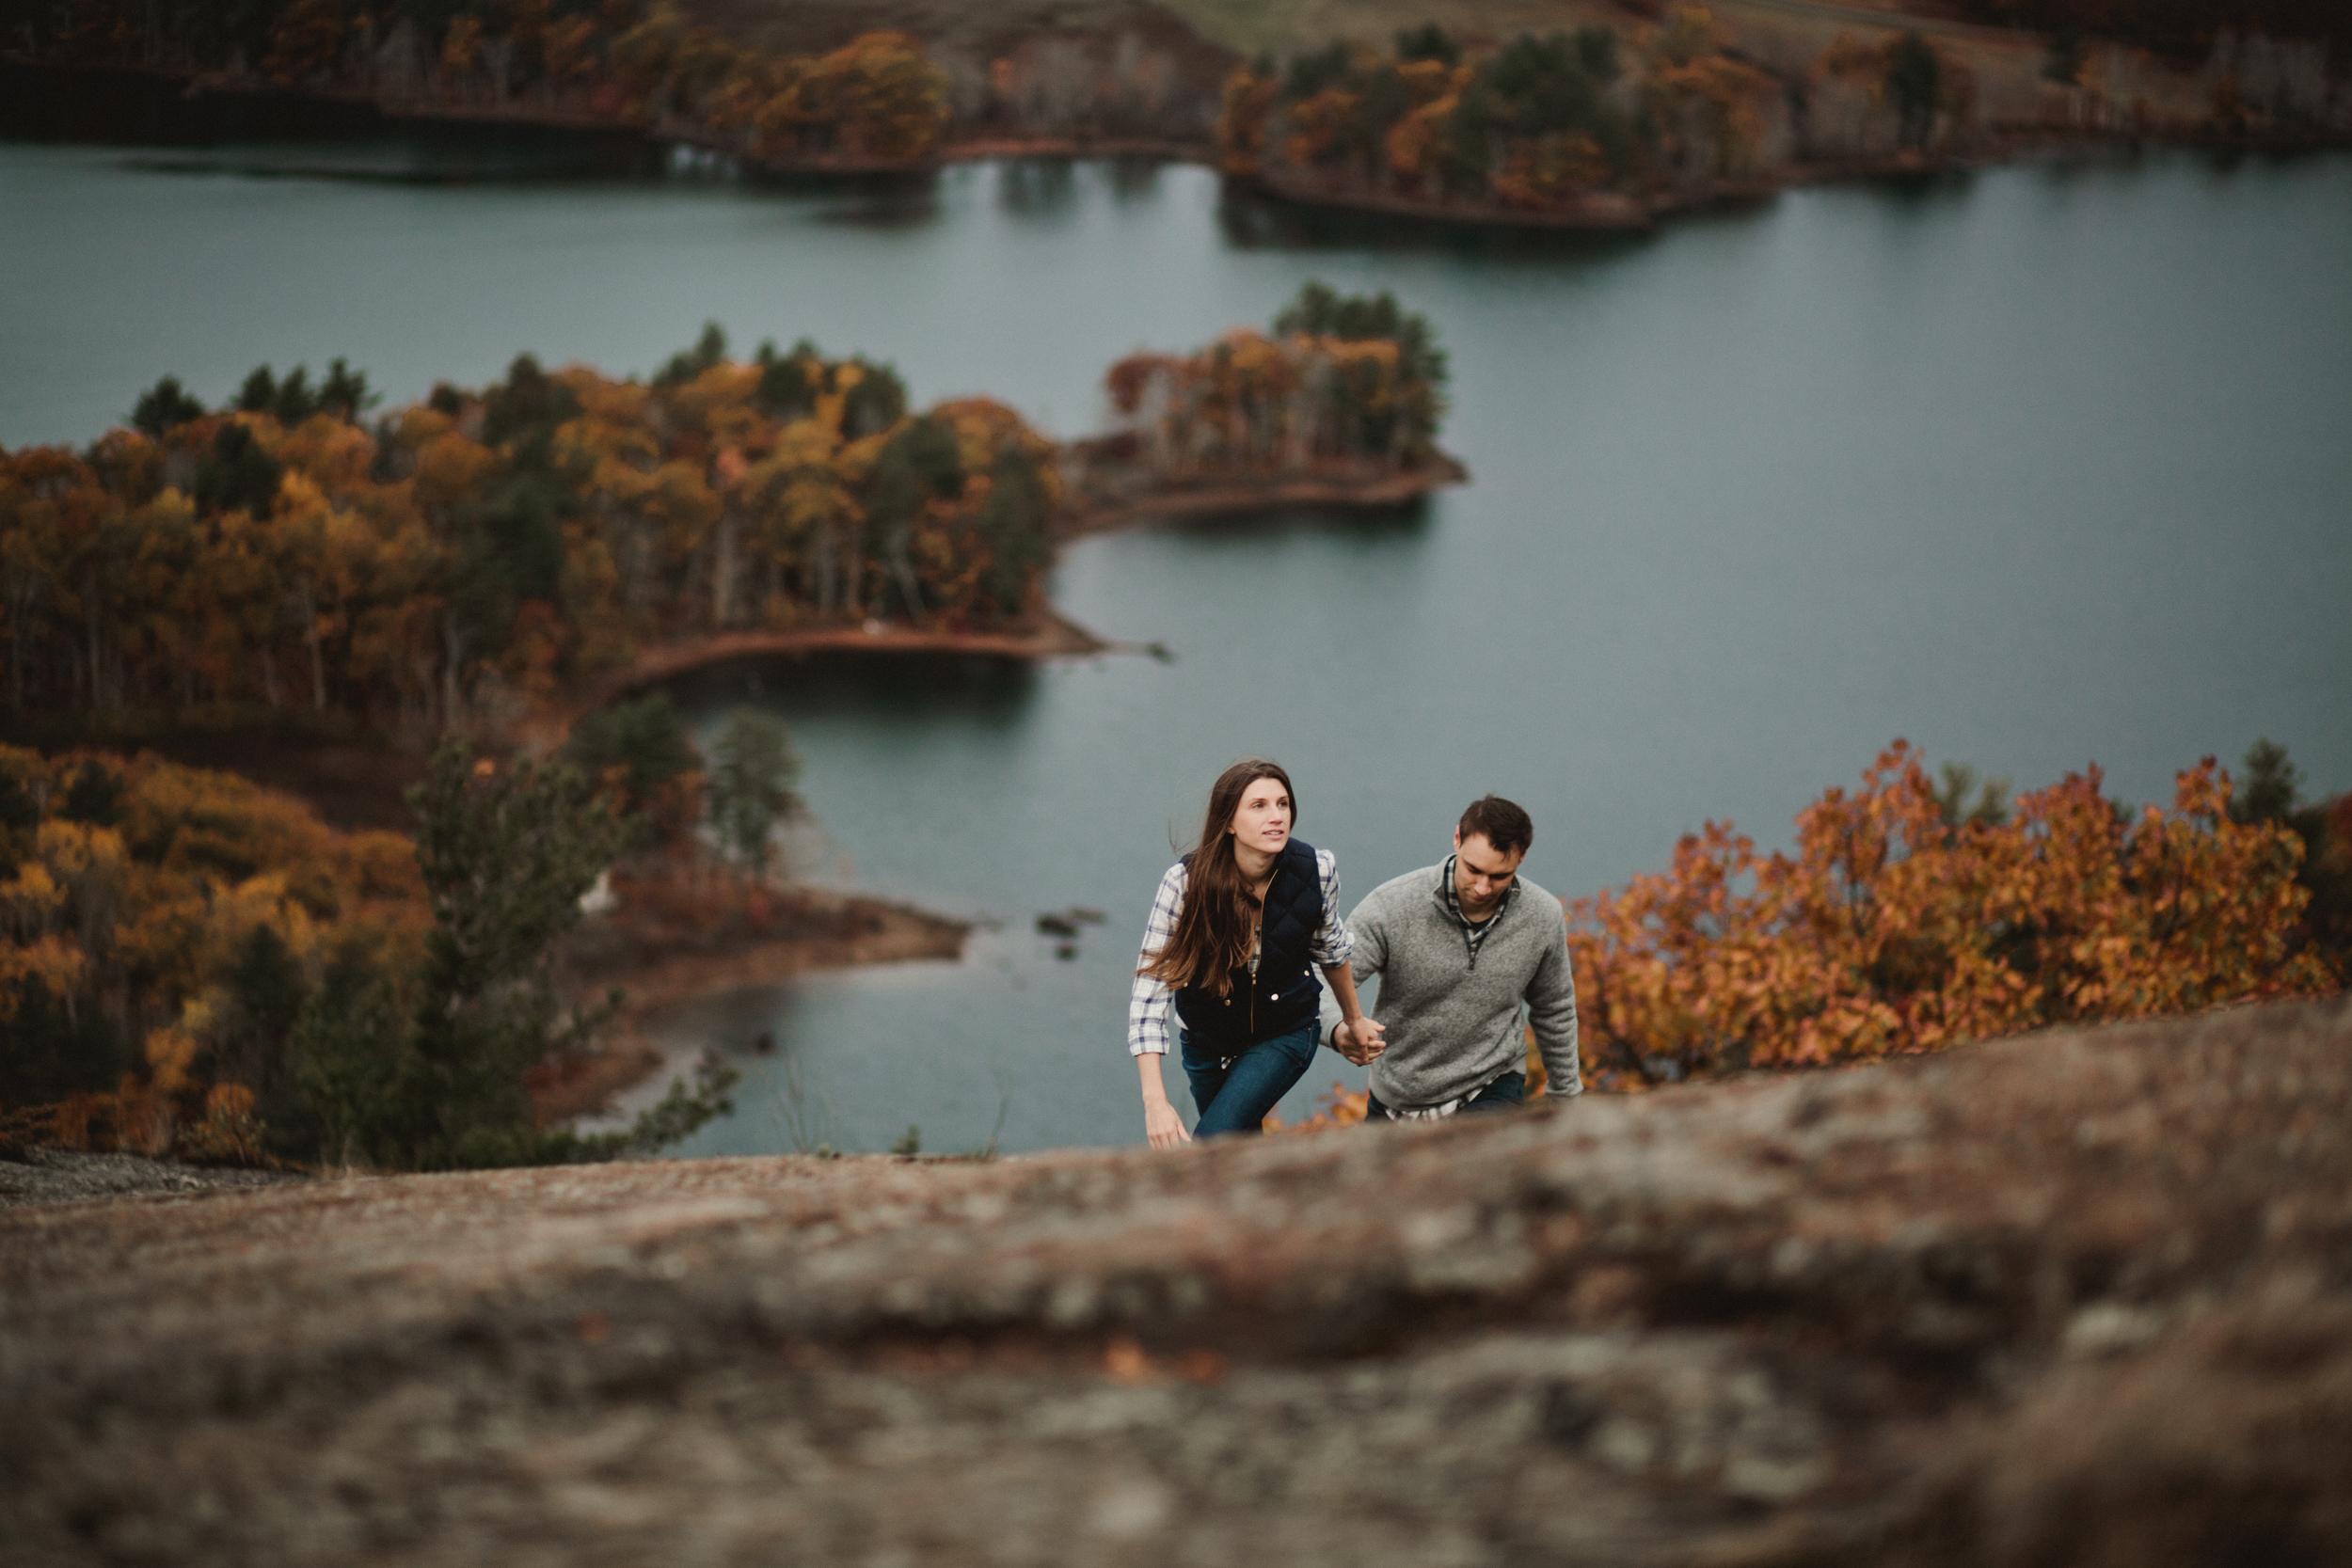 Camden-Hills-Engagement-Photos-56.jpg